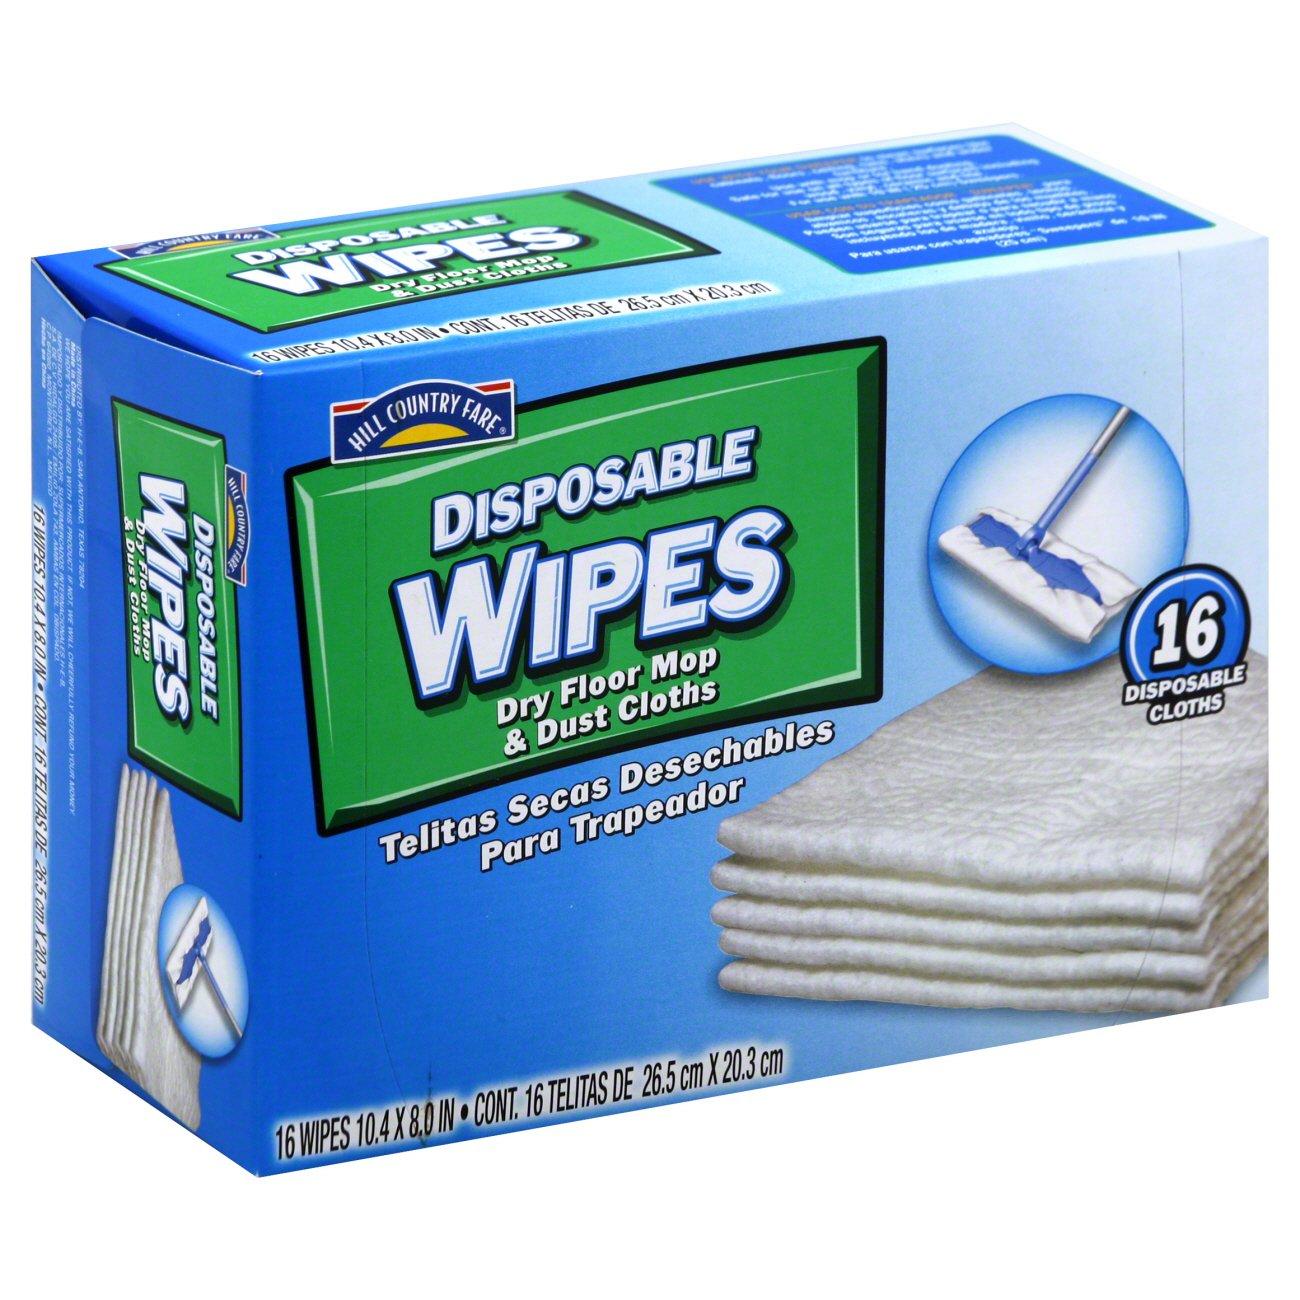 Mr muscle wet wipe floor mop thefloorsco for Mop for floor wipes